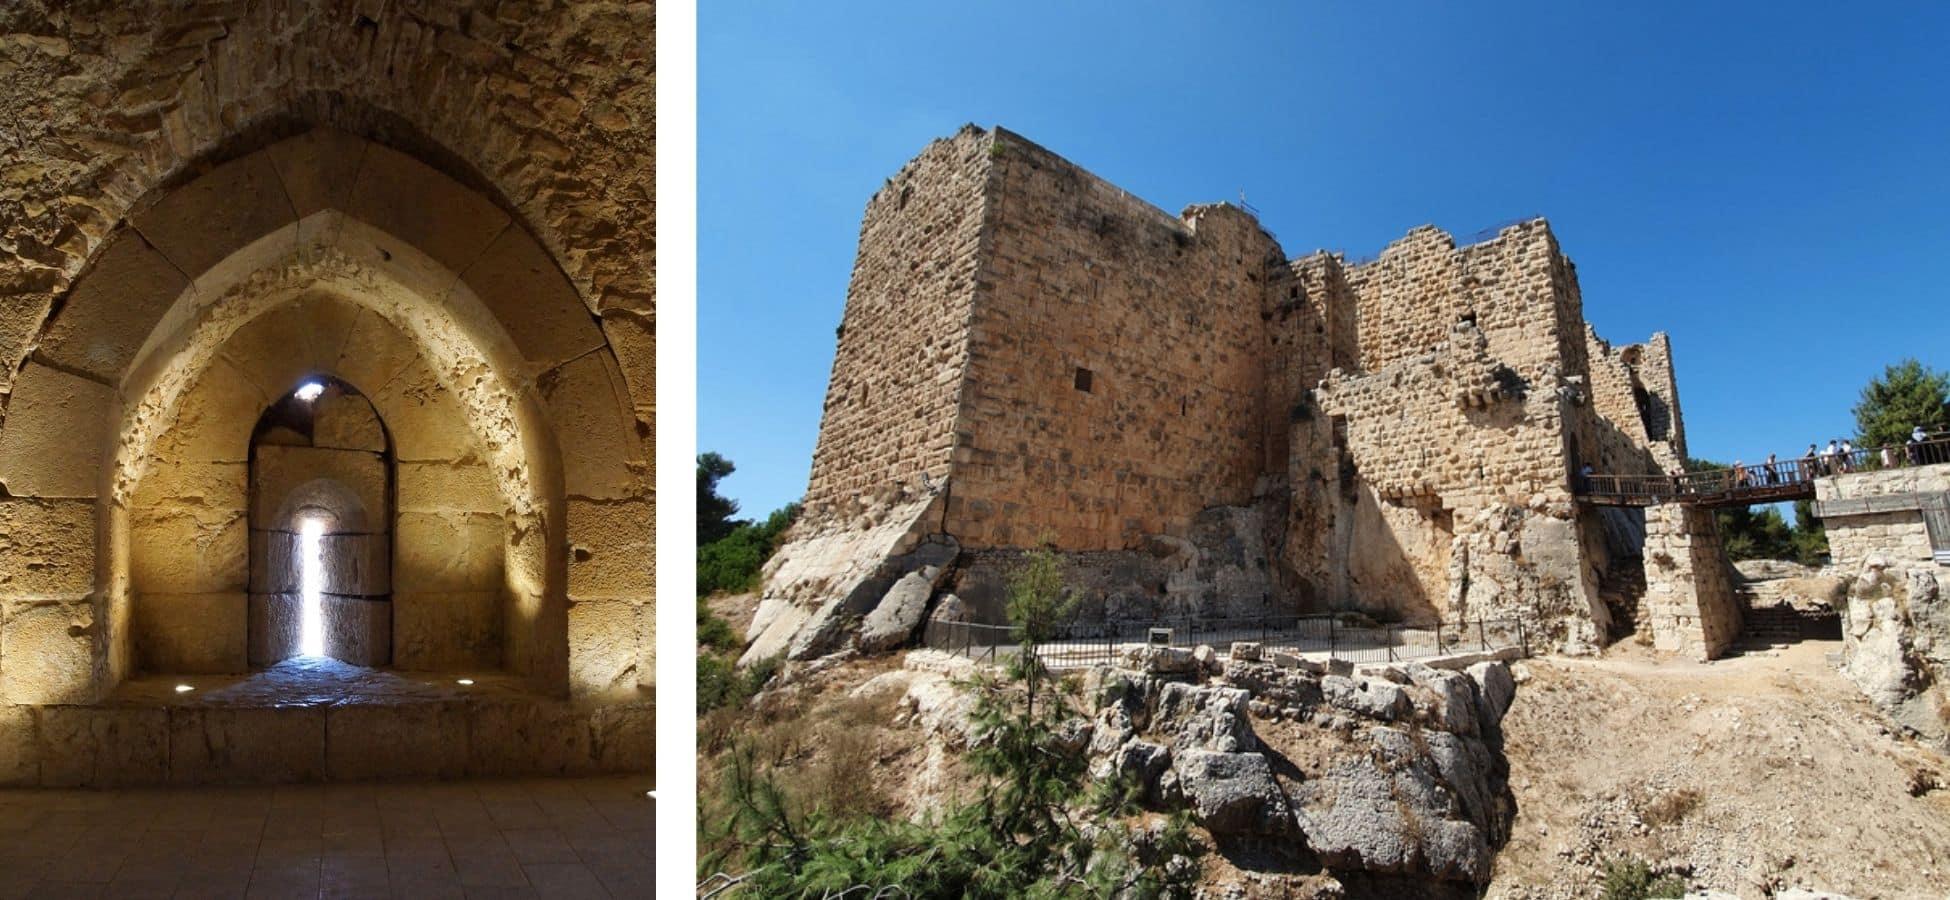 chateau-sites-archeologiques-jordanie